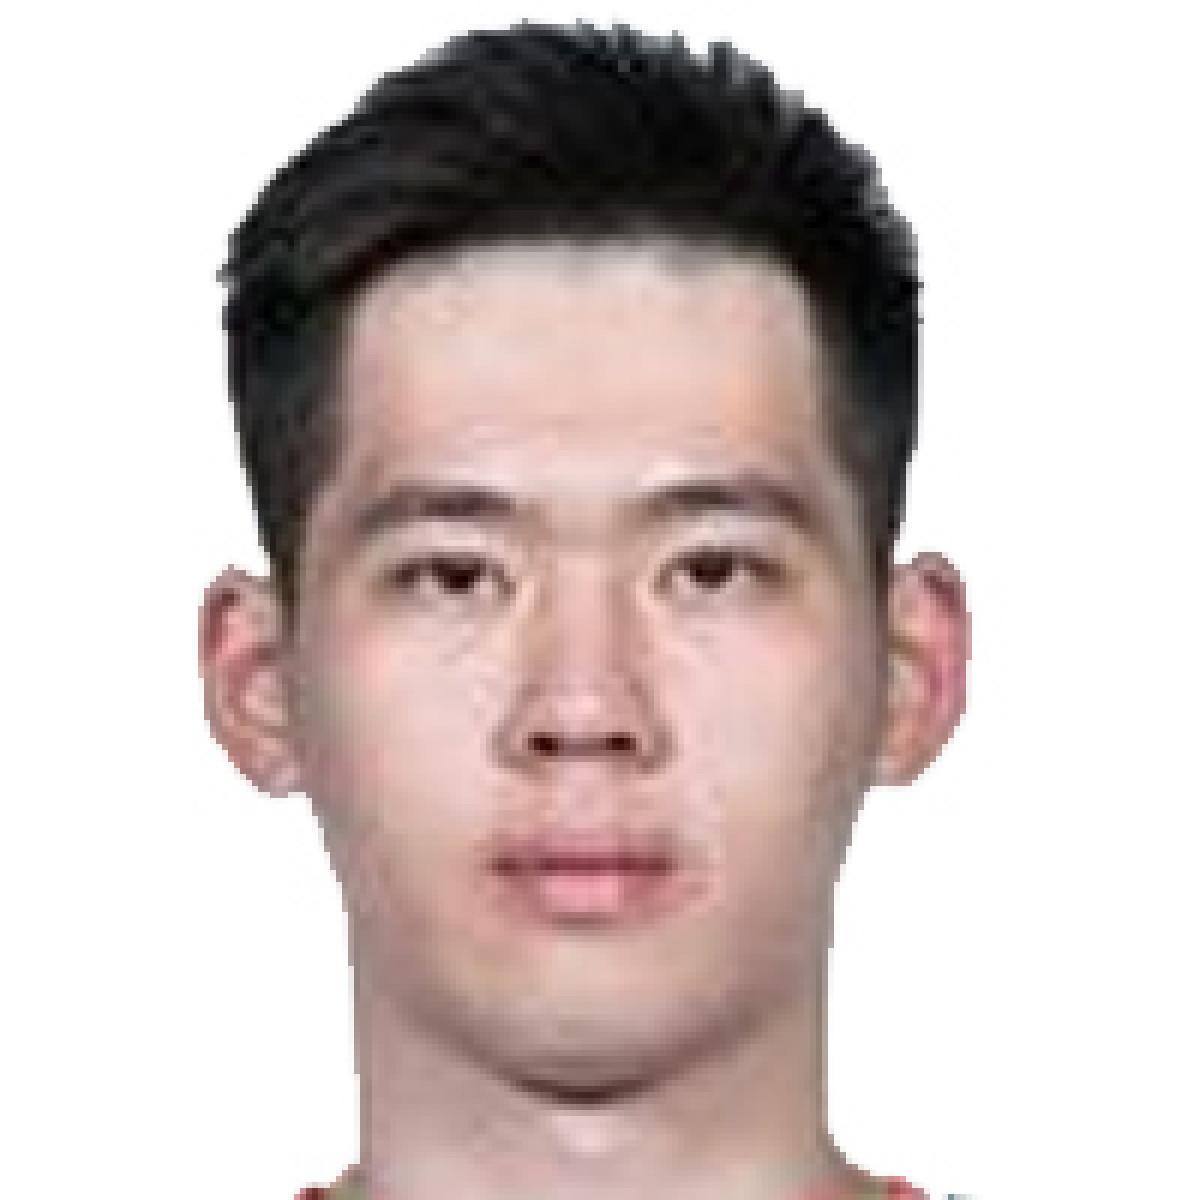 Liu Xucheng